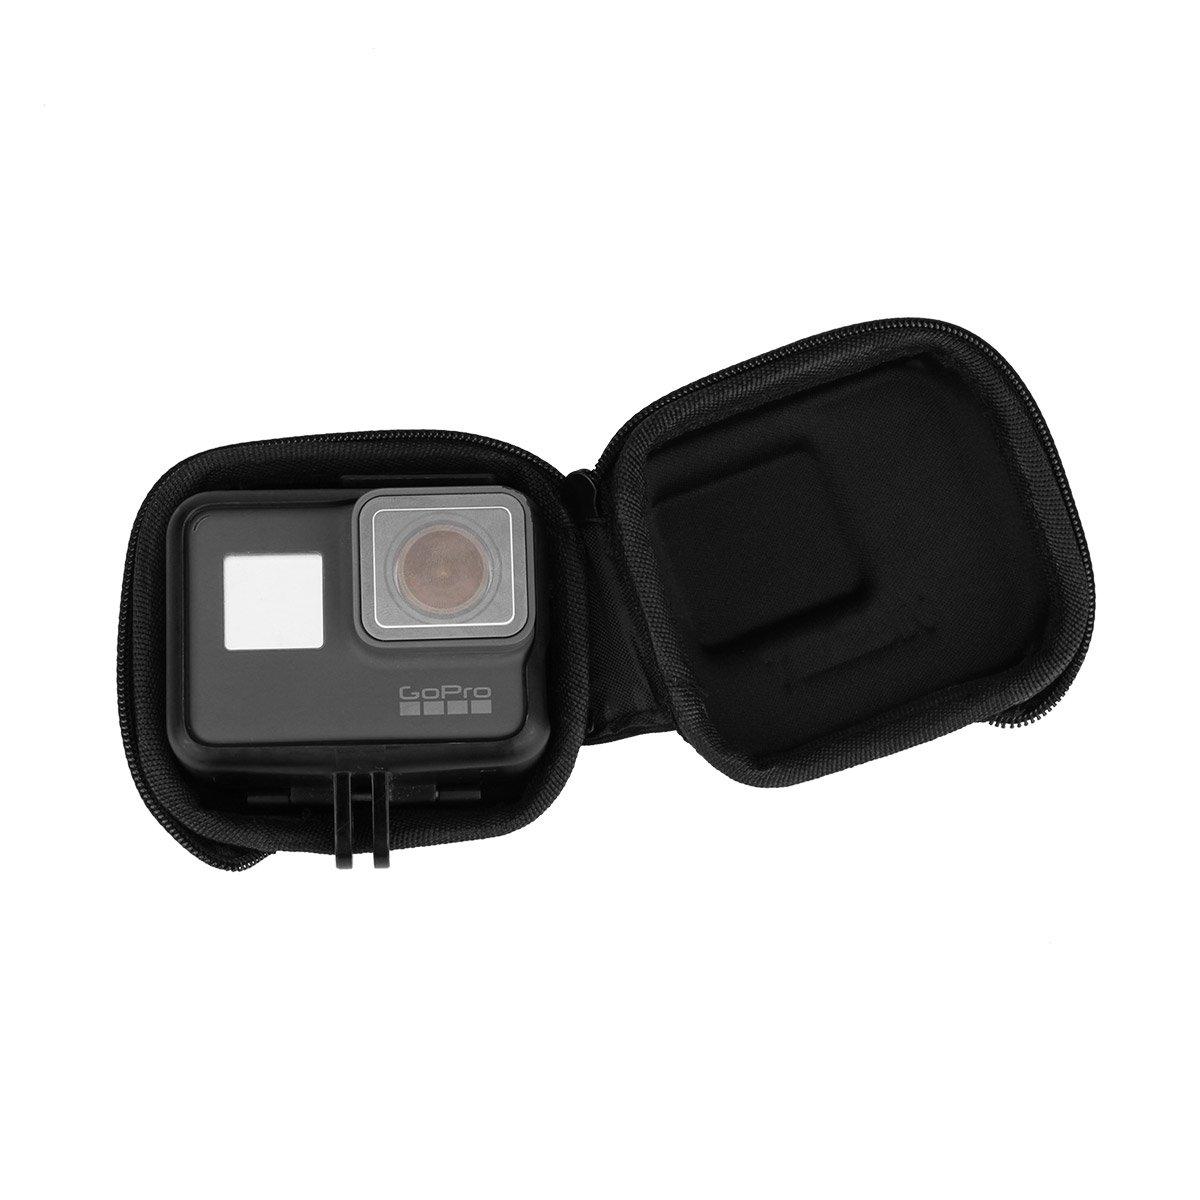 2018 Negro AK025 Accesorios para c/ámara Estuche de Almacenamiento Protector peque/ño Cuando Equipado con Selfie Stick para GoPro Hero 5 Hero 6 Hero AuyKoo Estuche para c/ámara port/átil